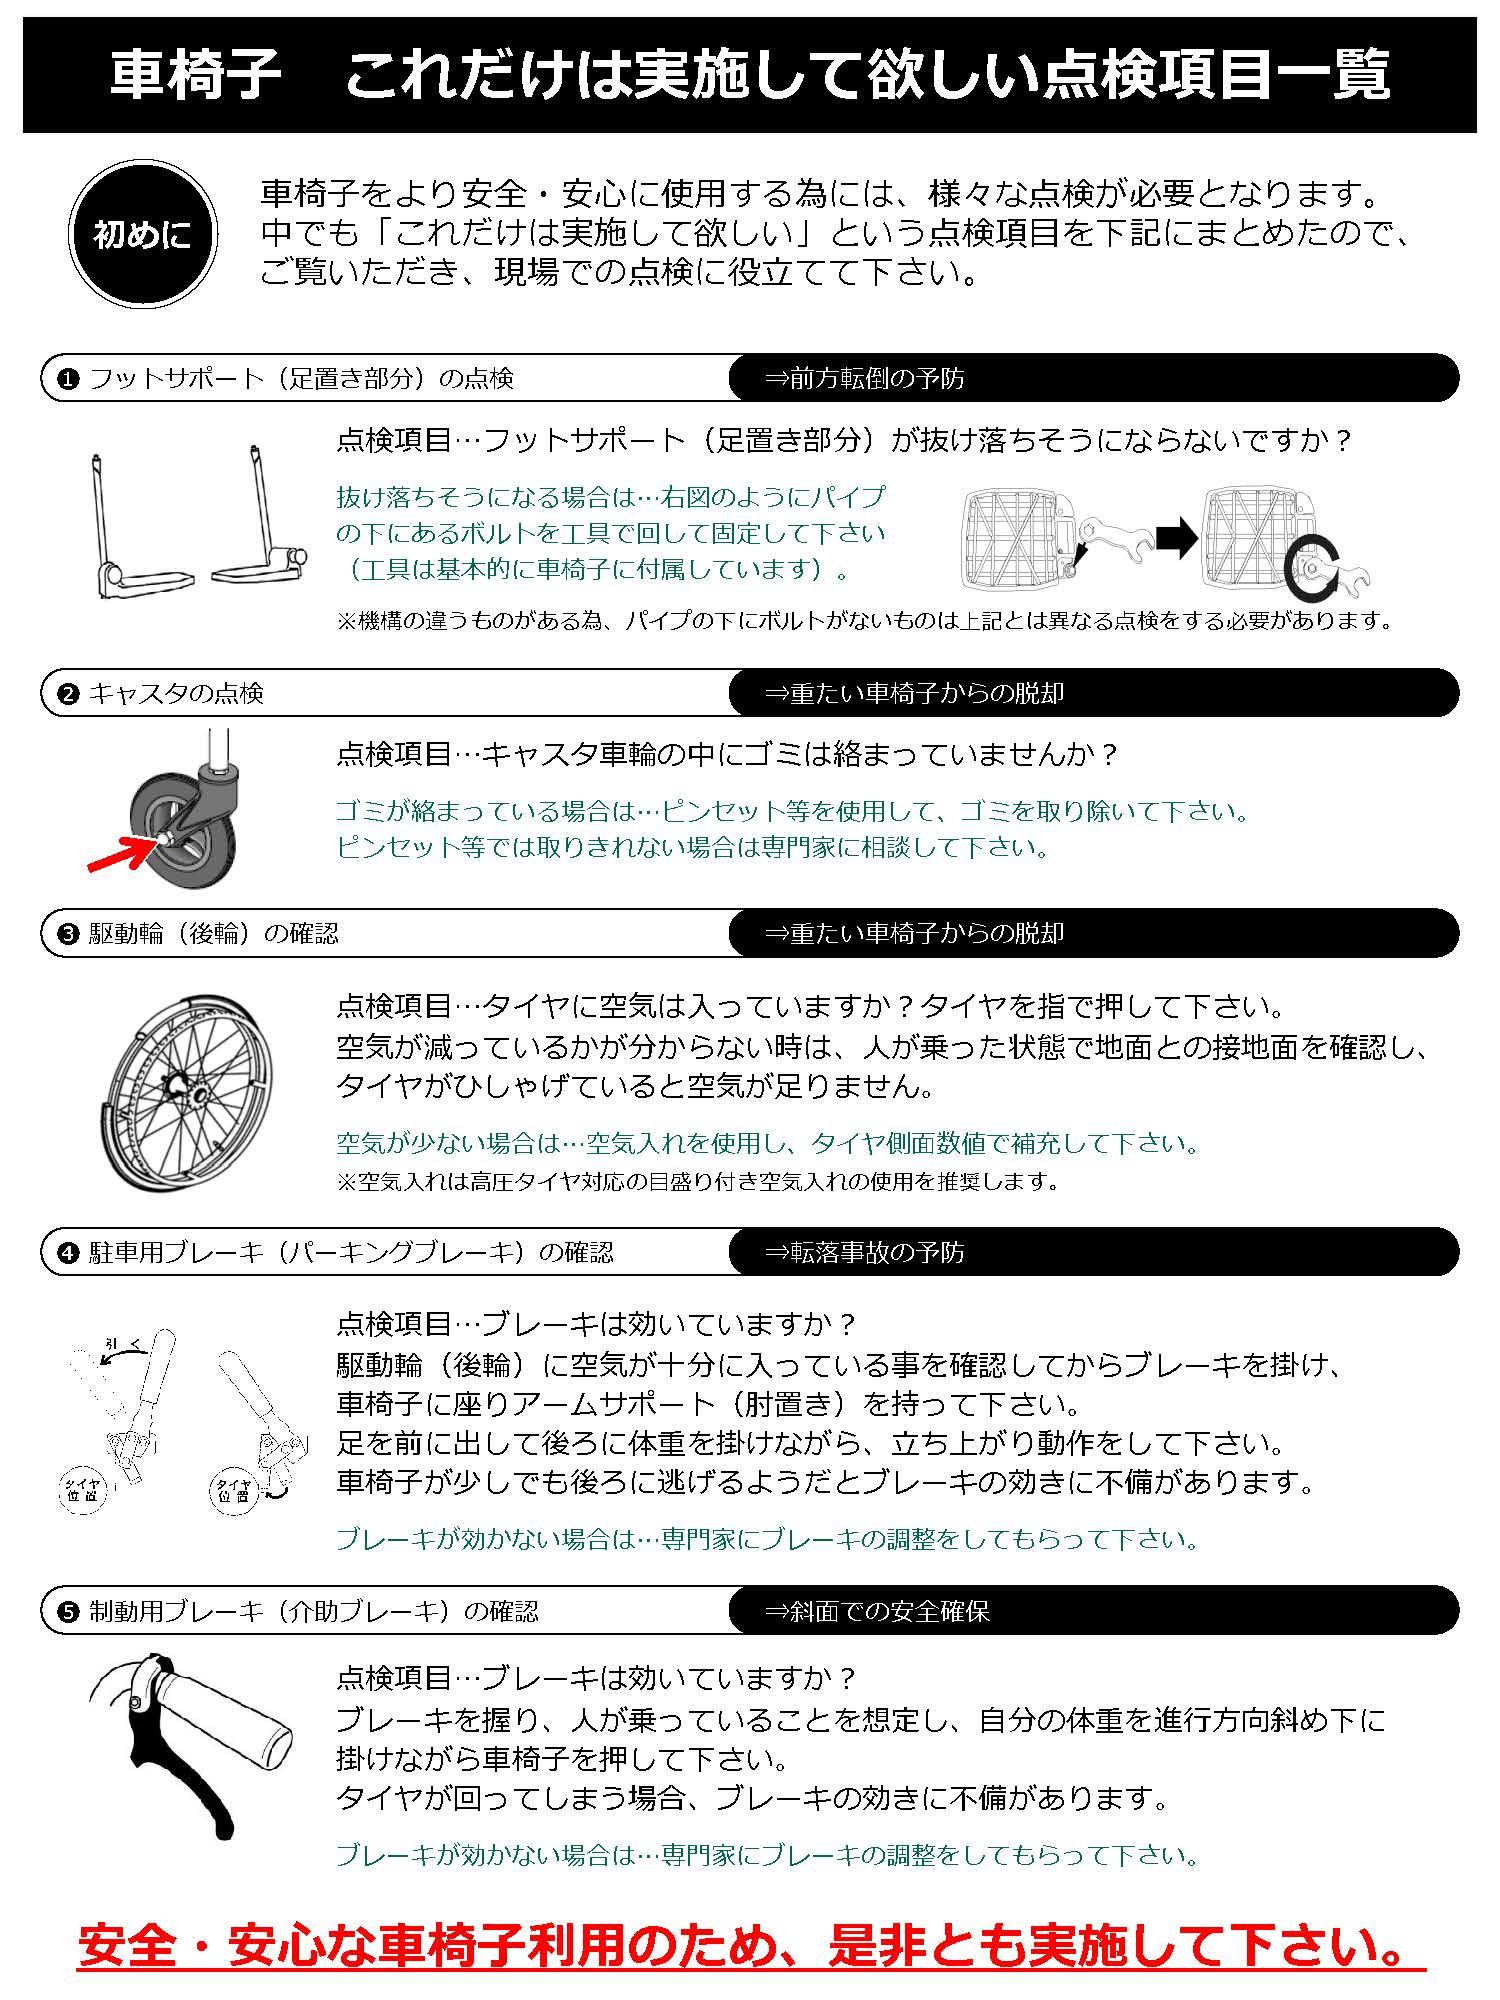 車椅子 これだけは実施して欲しい点検項目一覧